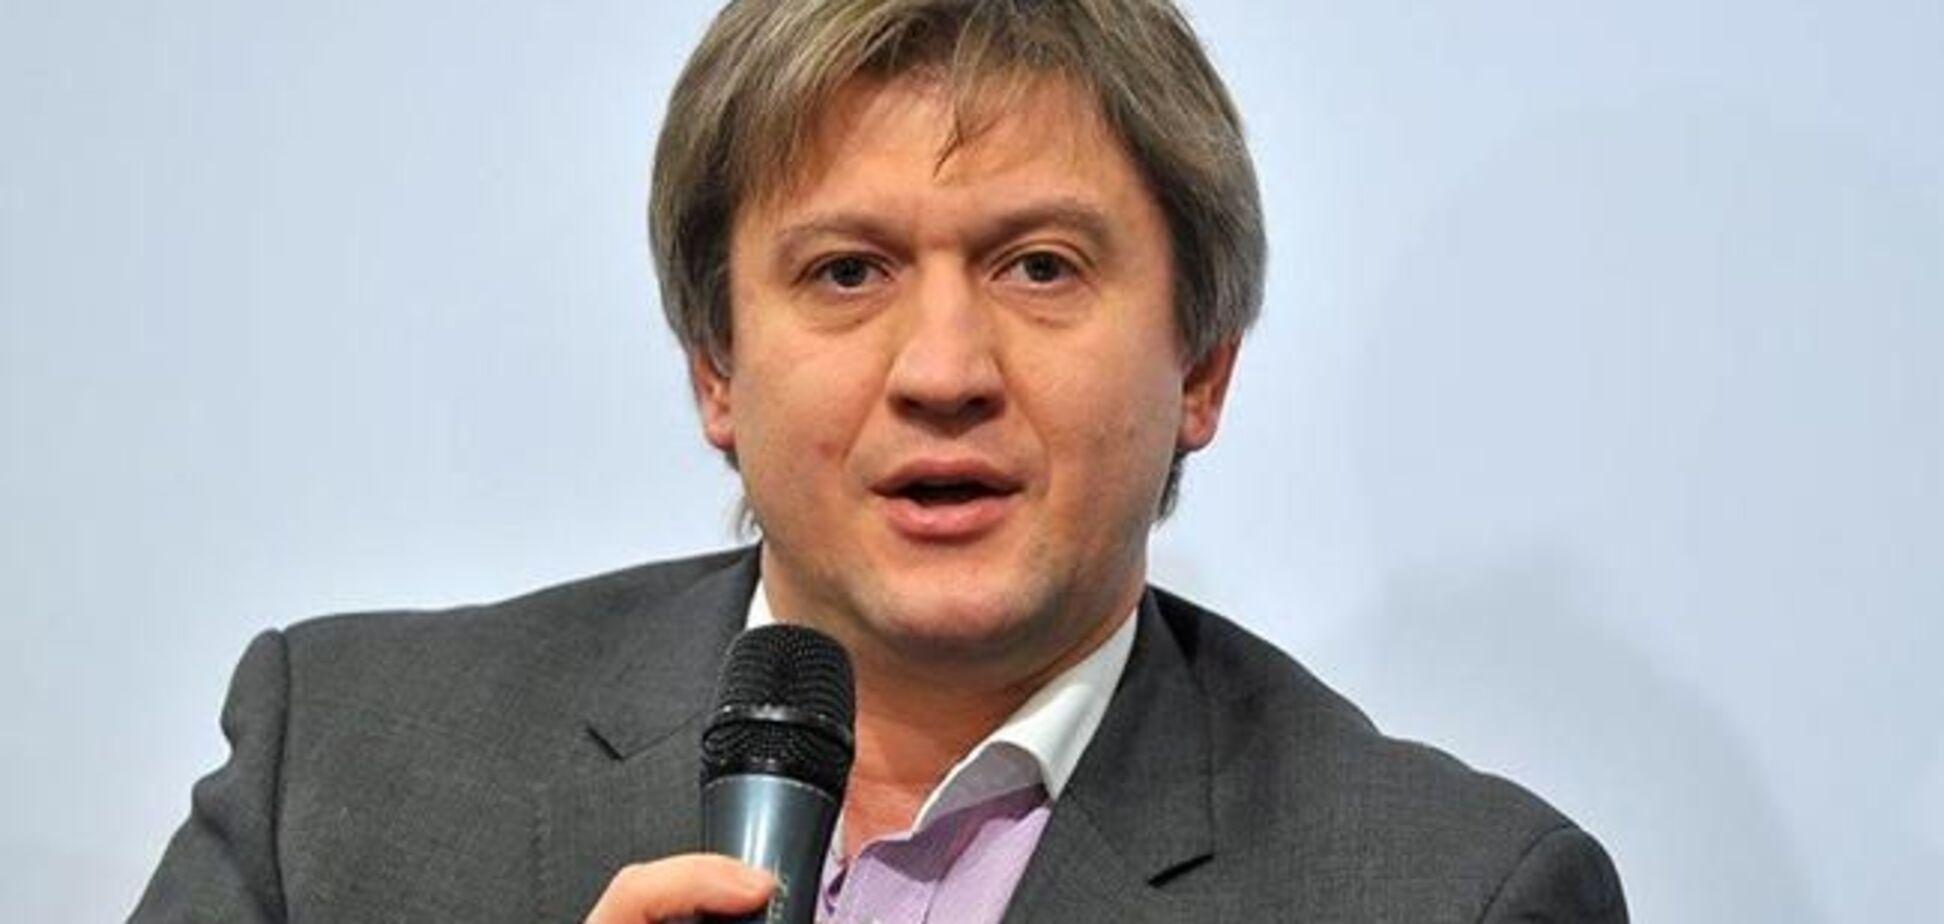 ДФС: Данилюк зобов'язаний доплатити 517 тисяч грн податку